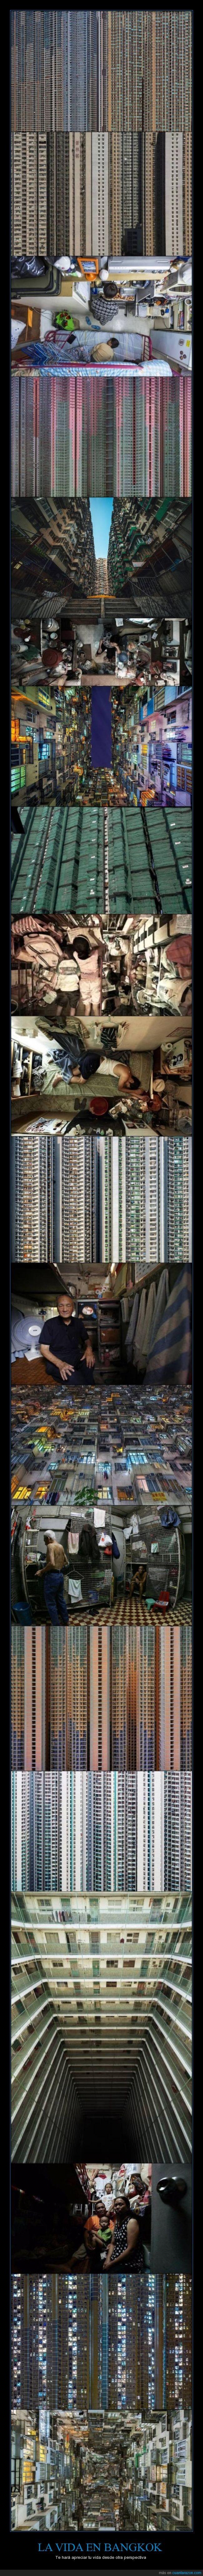 apartamento,Bangkok,casa,condiciones,edificio,habitación,impensable,lleno,locura,vida